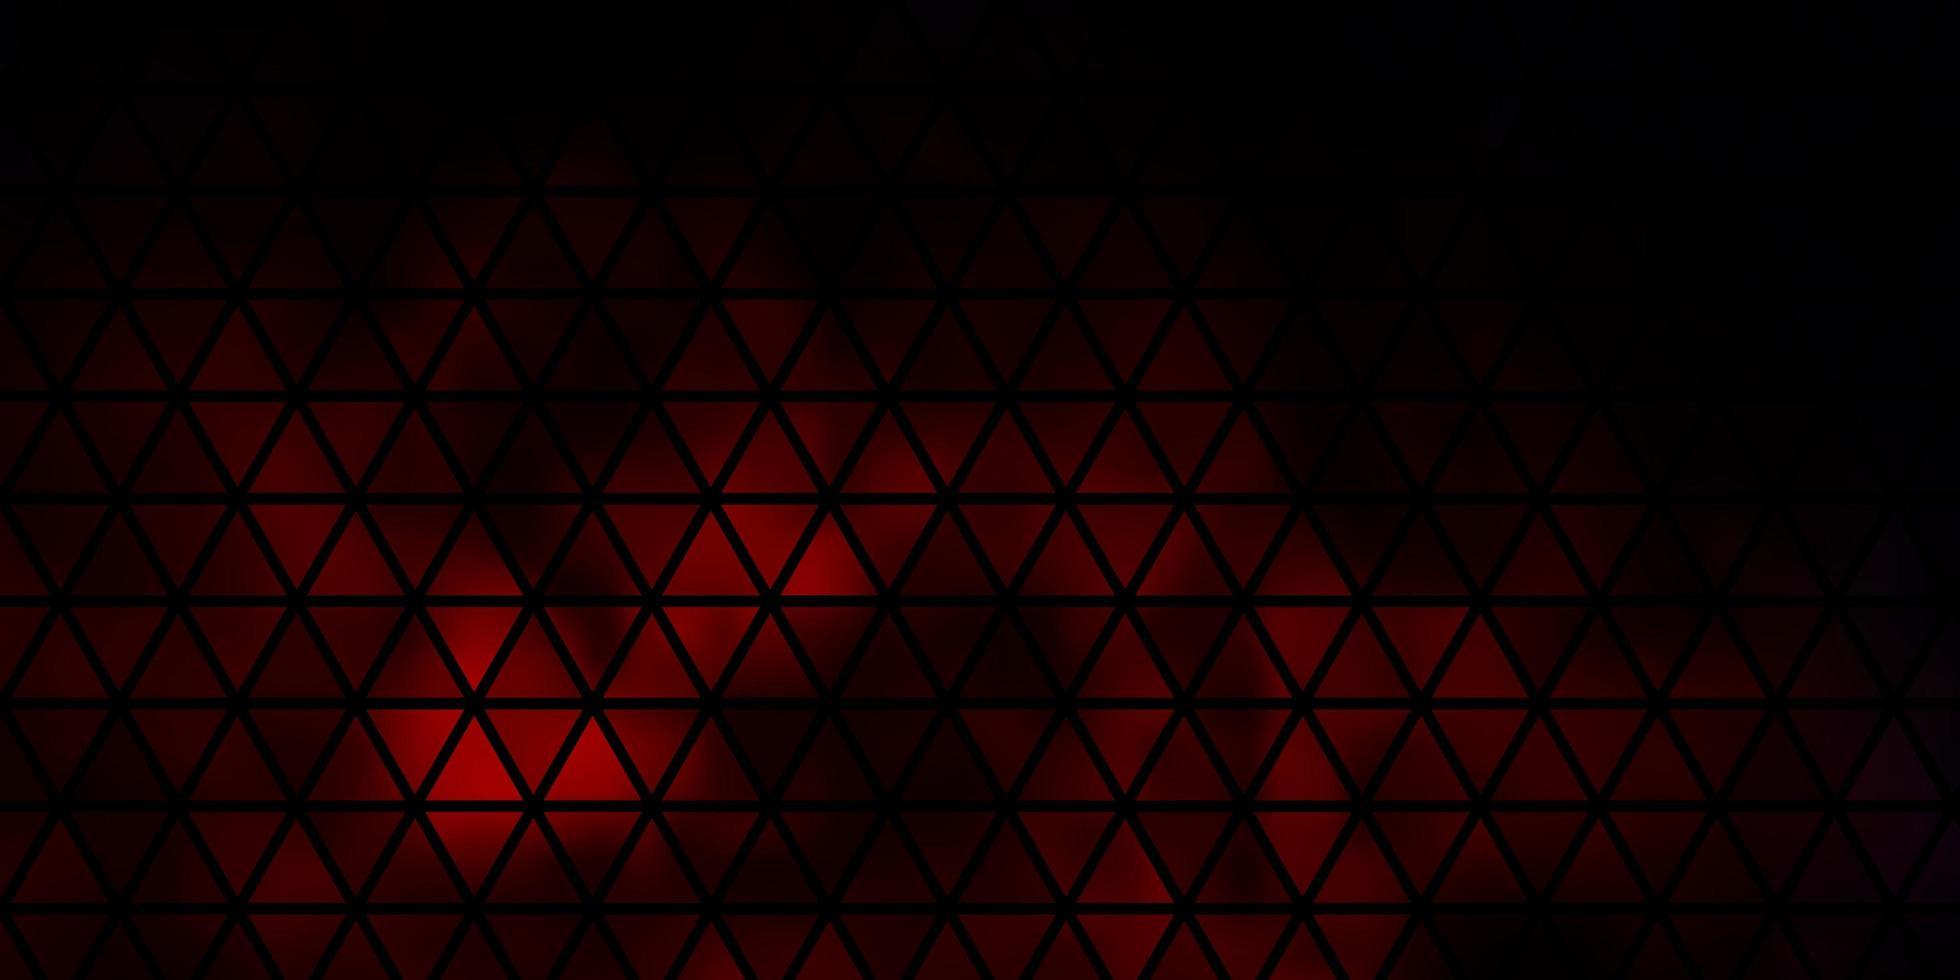 fundo vector vermelho escuro com triângulos.